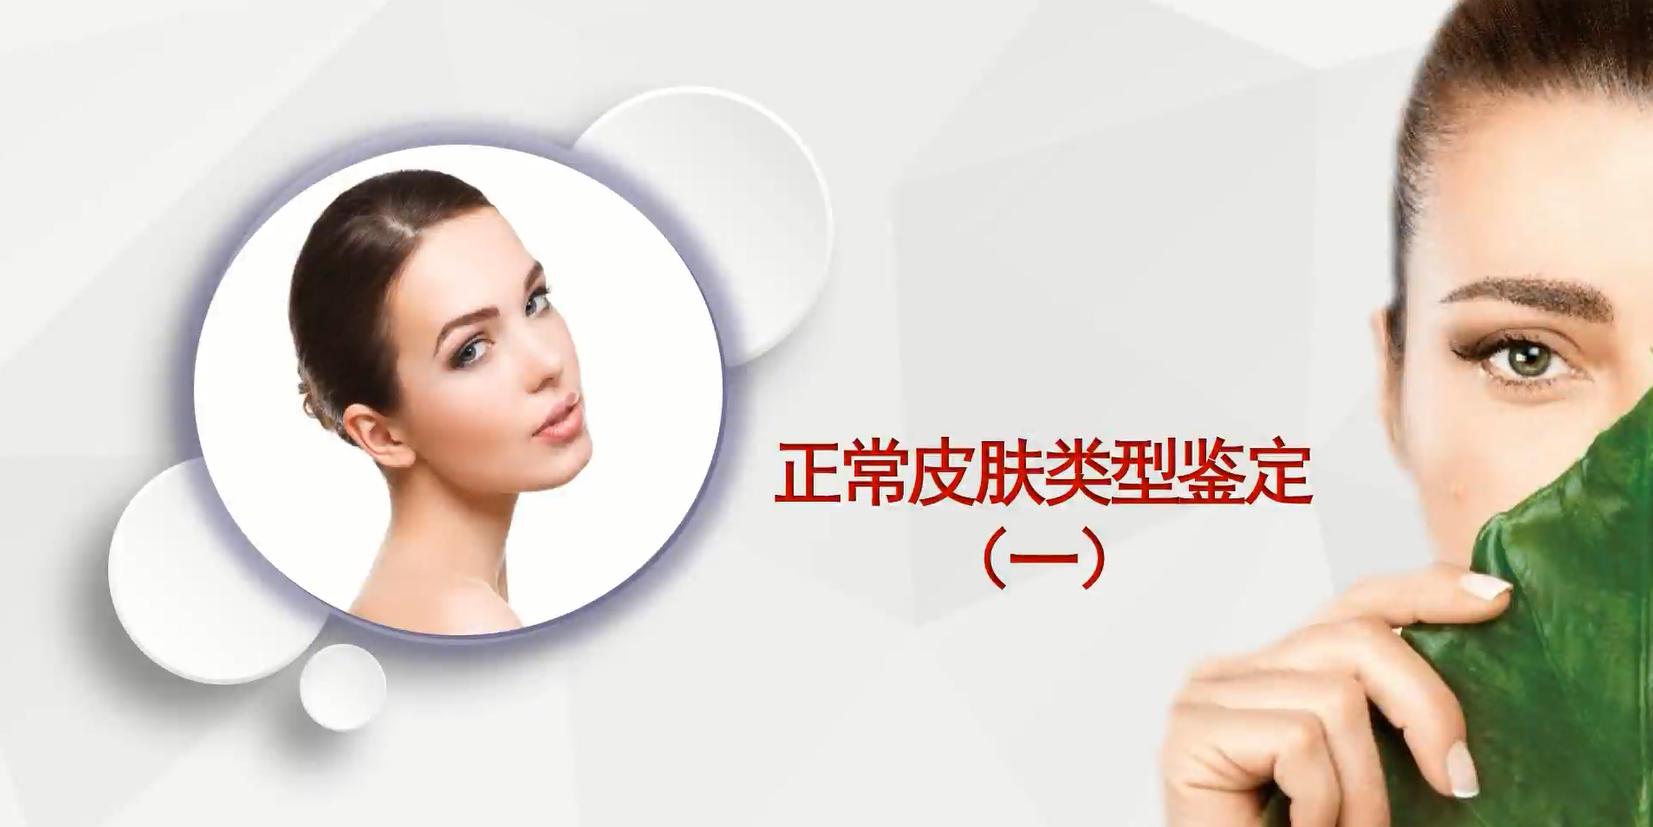 【高职医学美容专业】正常皮肤类型鉴定